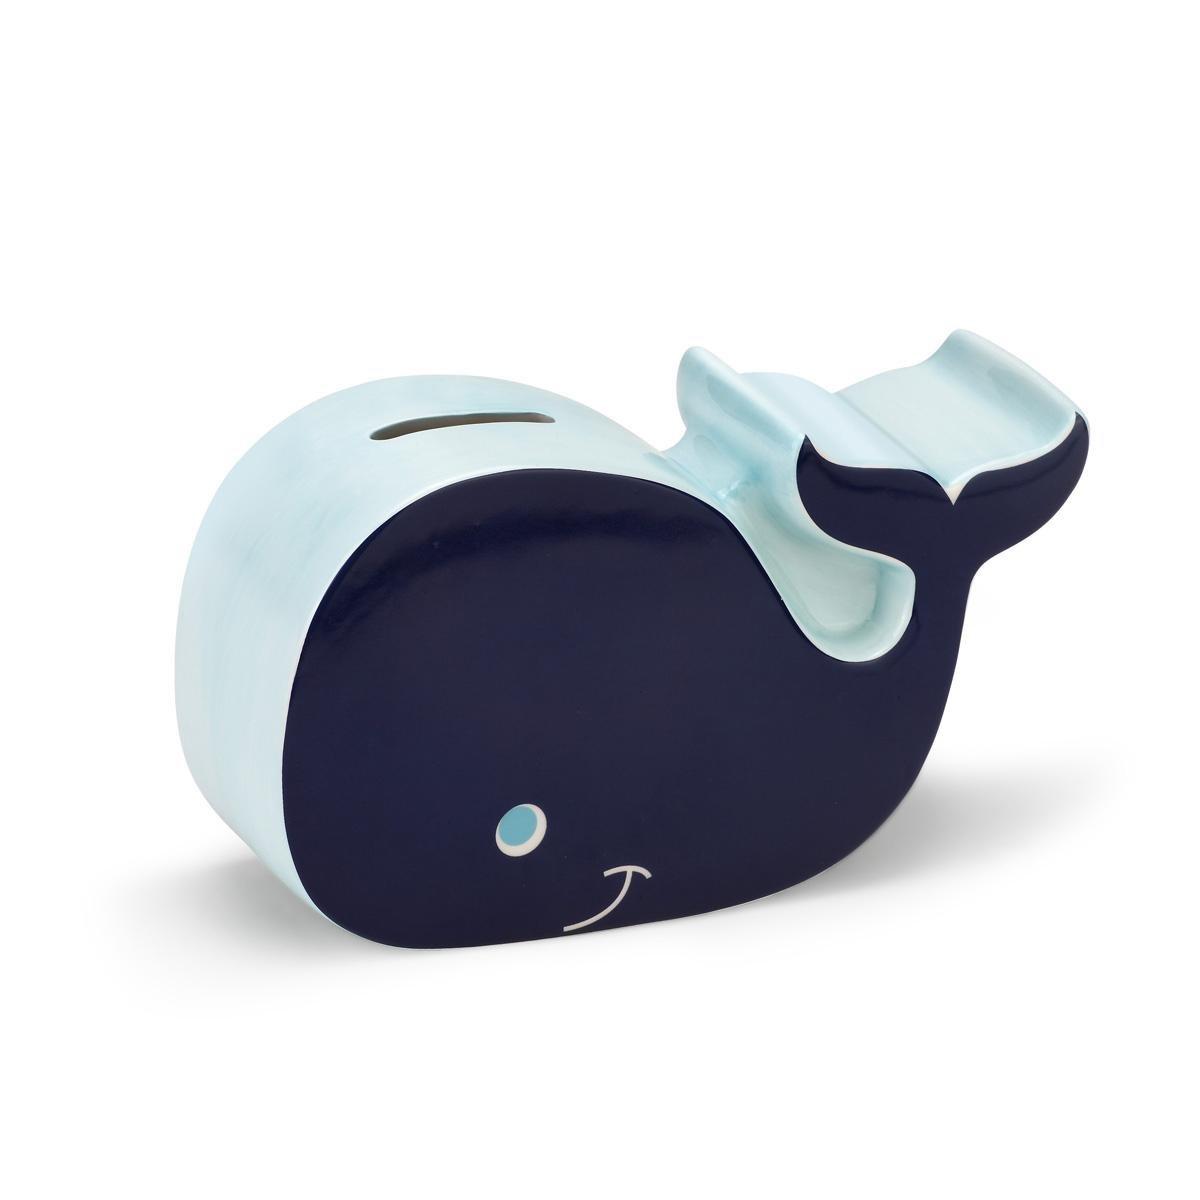 DEMDACO Piggy Bank, Blue Whale